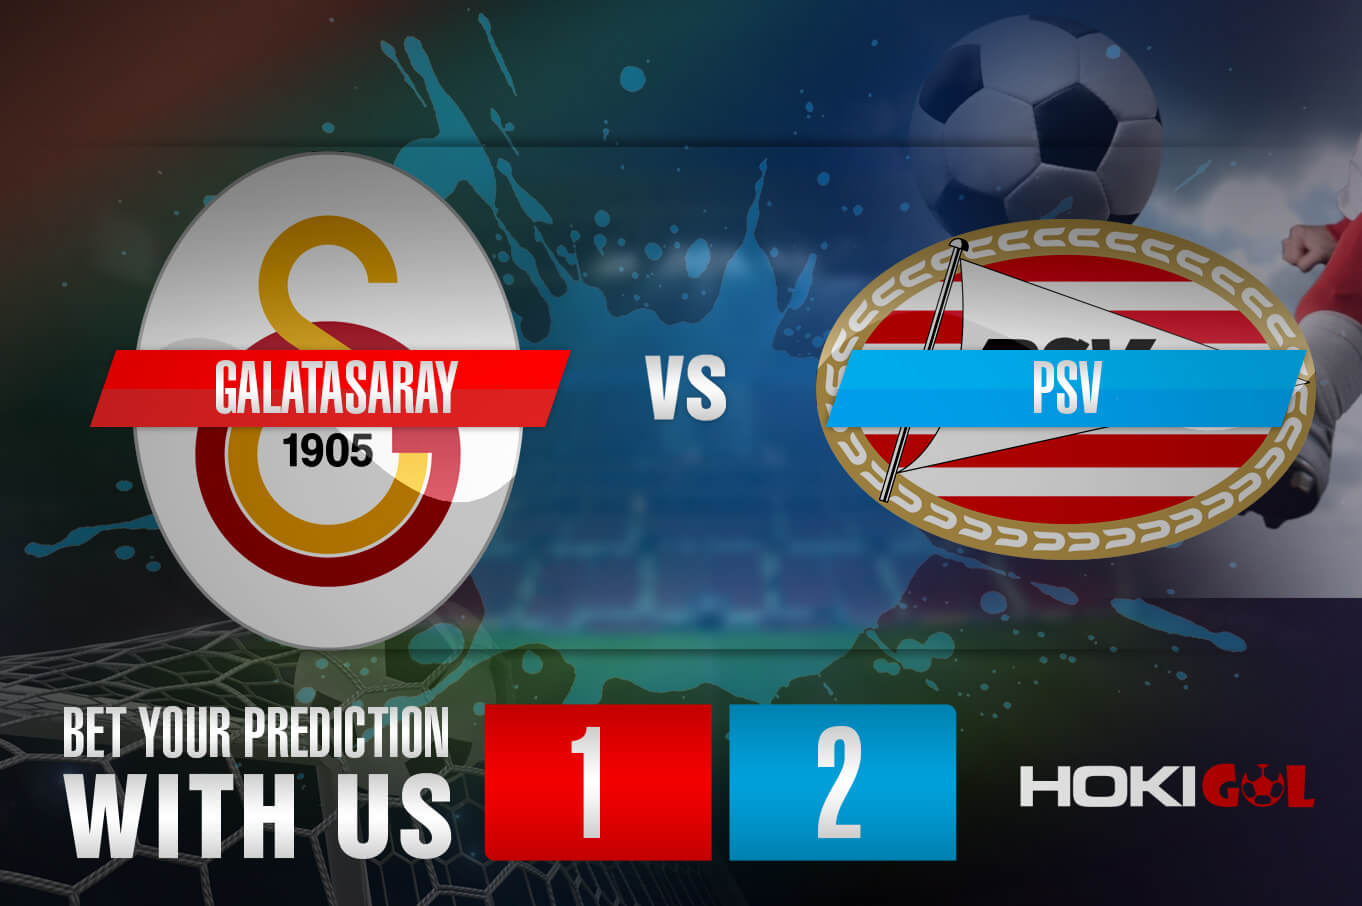 Prediksi Bola Galatasaray Vs PSV 29 Juli 2021